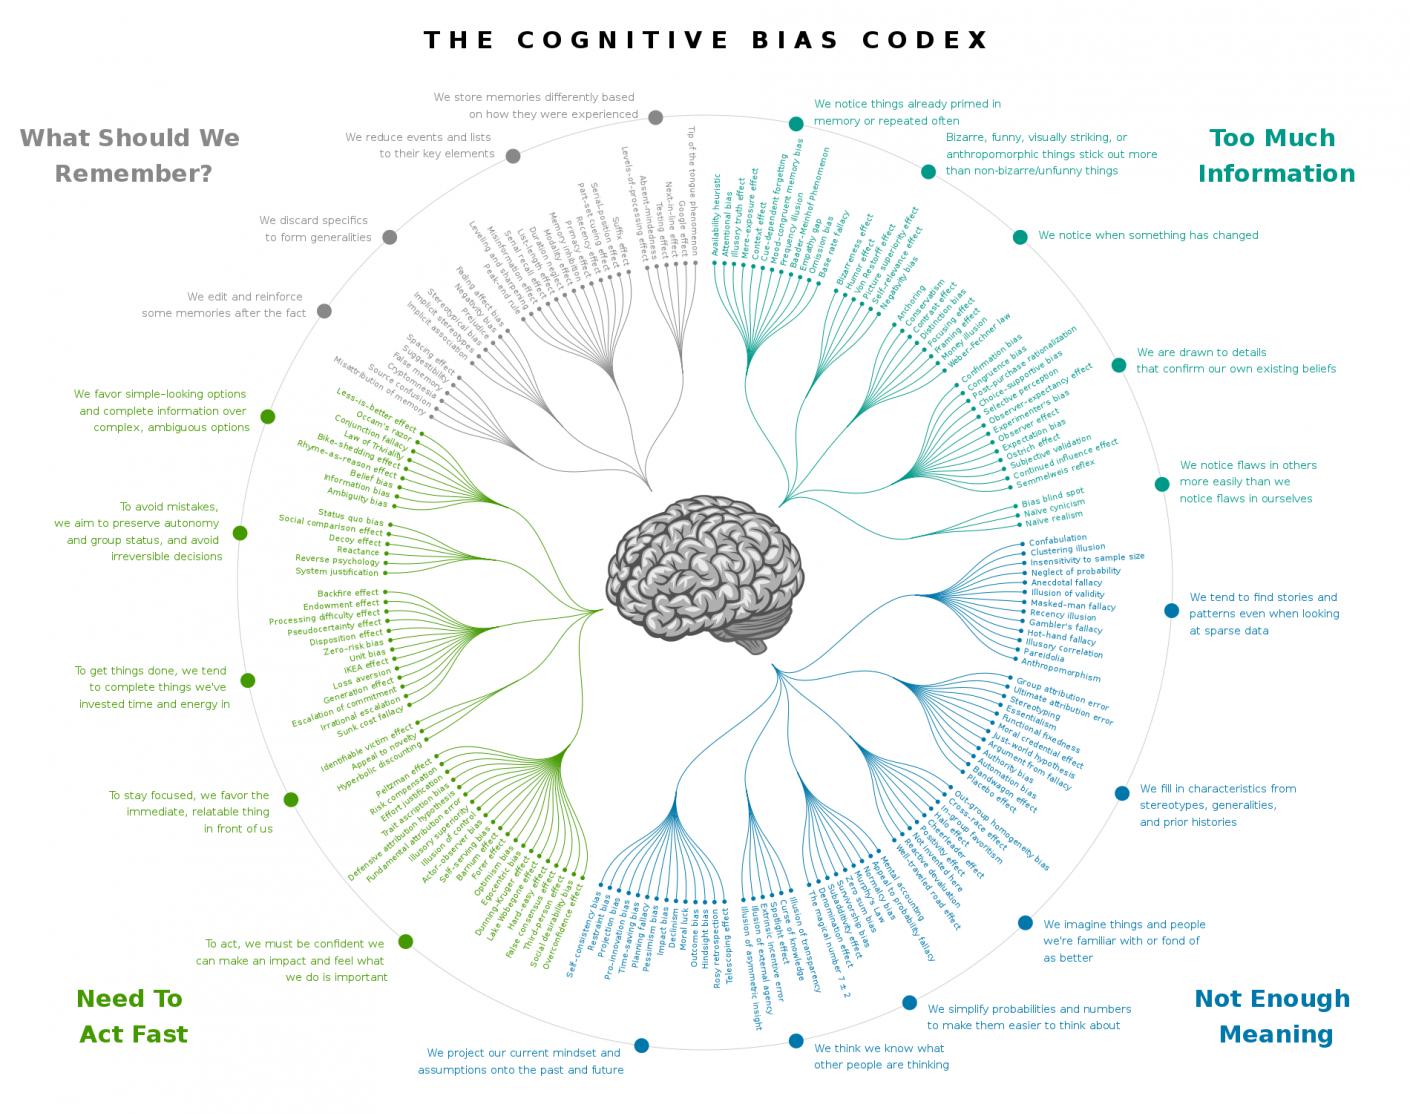 Lista błędów poznawczych (heurystyk- Cognitive Bias CODEX) Prawie 300! 1